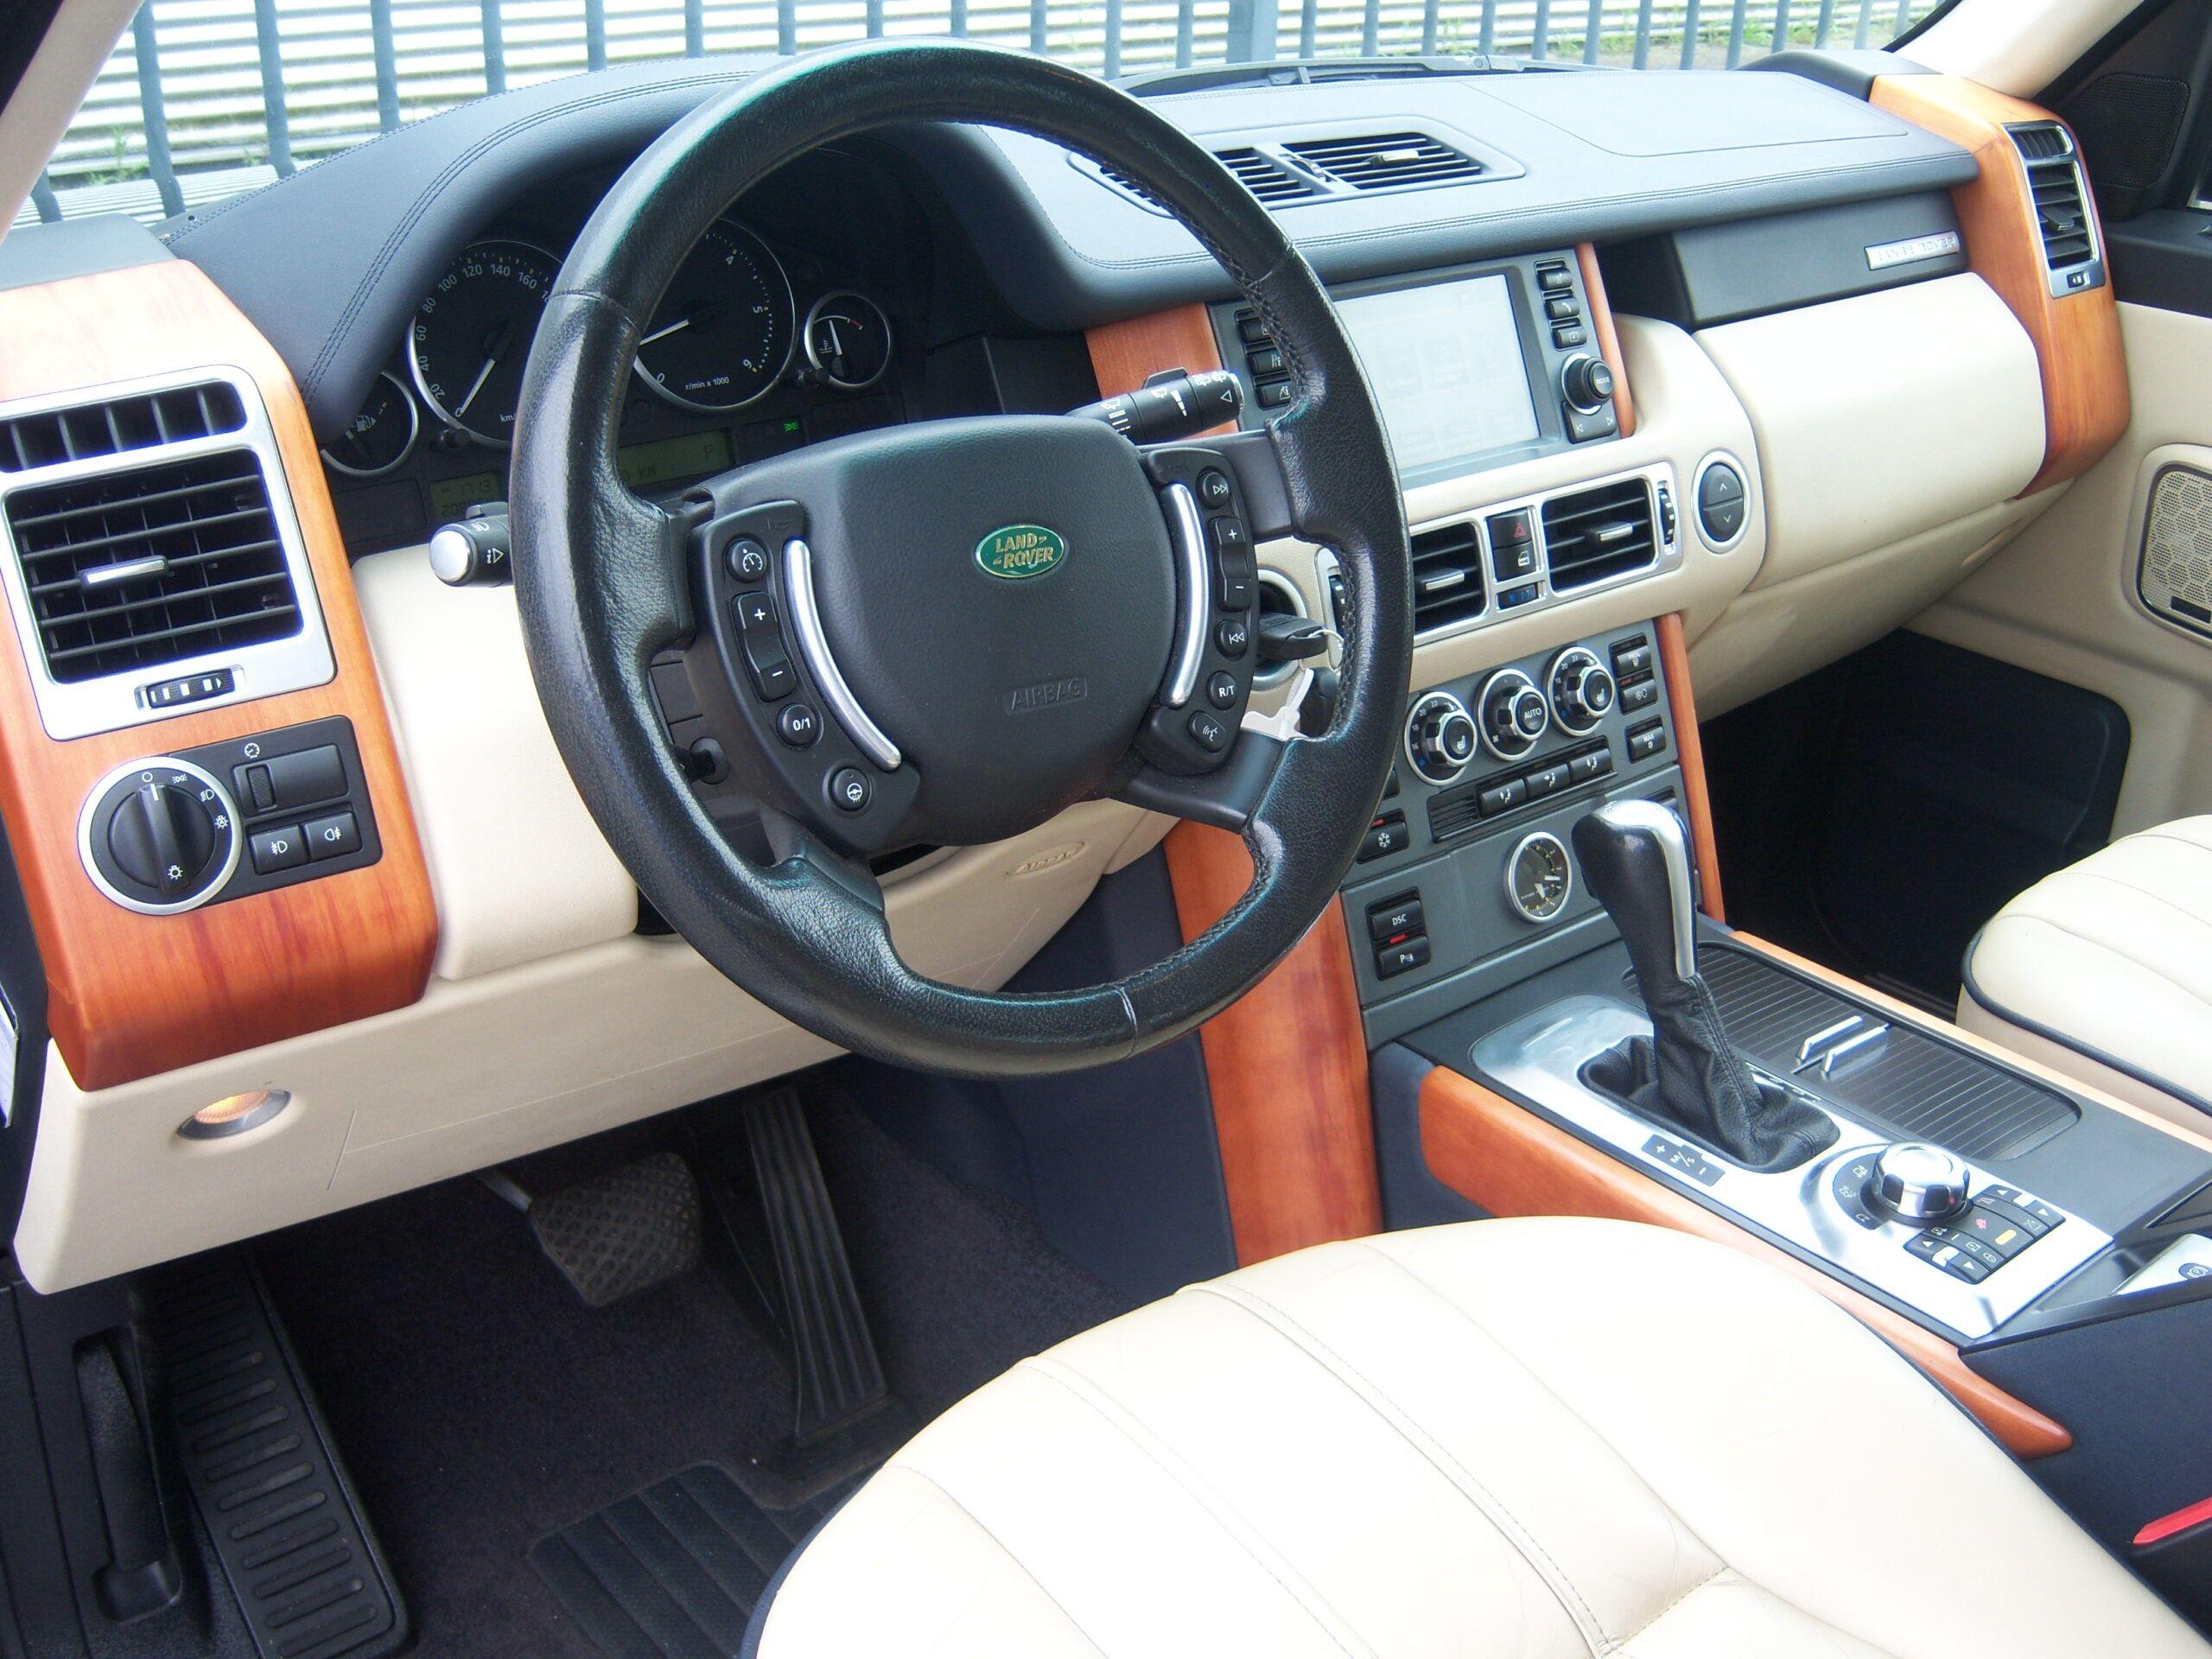 Range Rover TDV8 Vogue 2006/ Youngtimer/ Zeer mooi